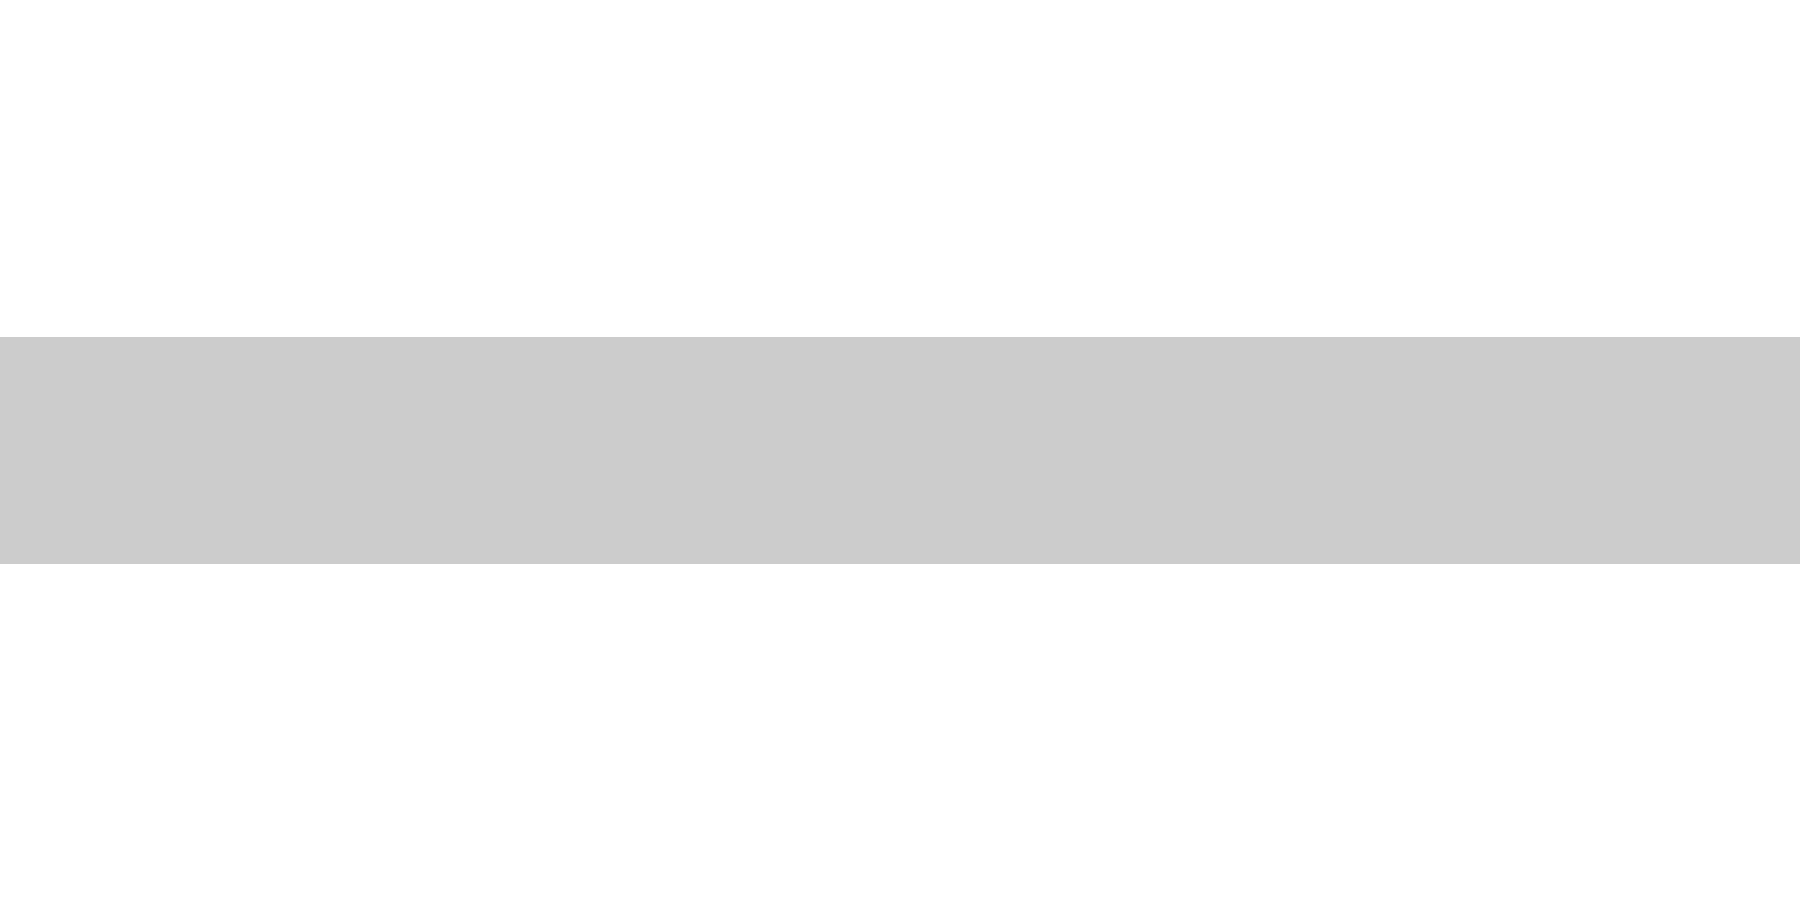 ソルフェジオ周波数_741hzの未再生の波形